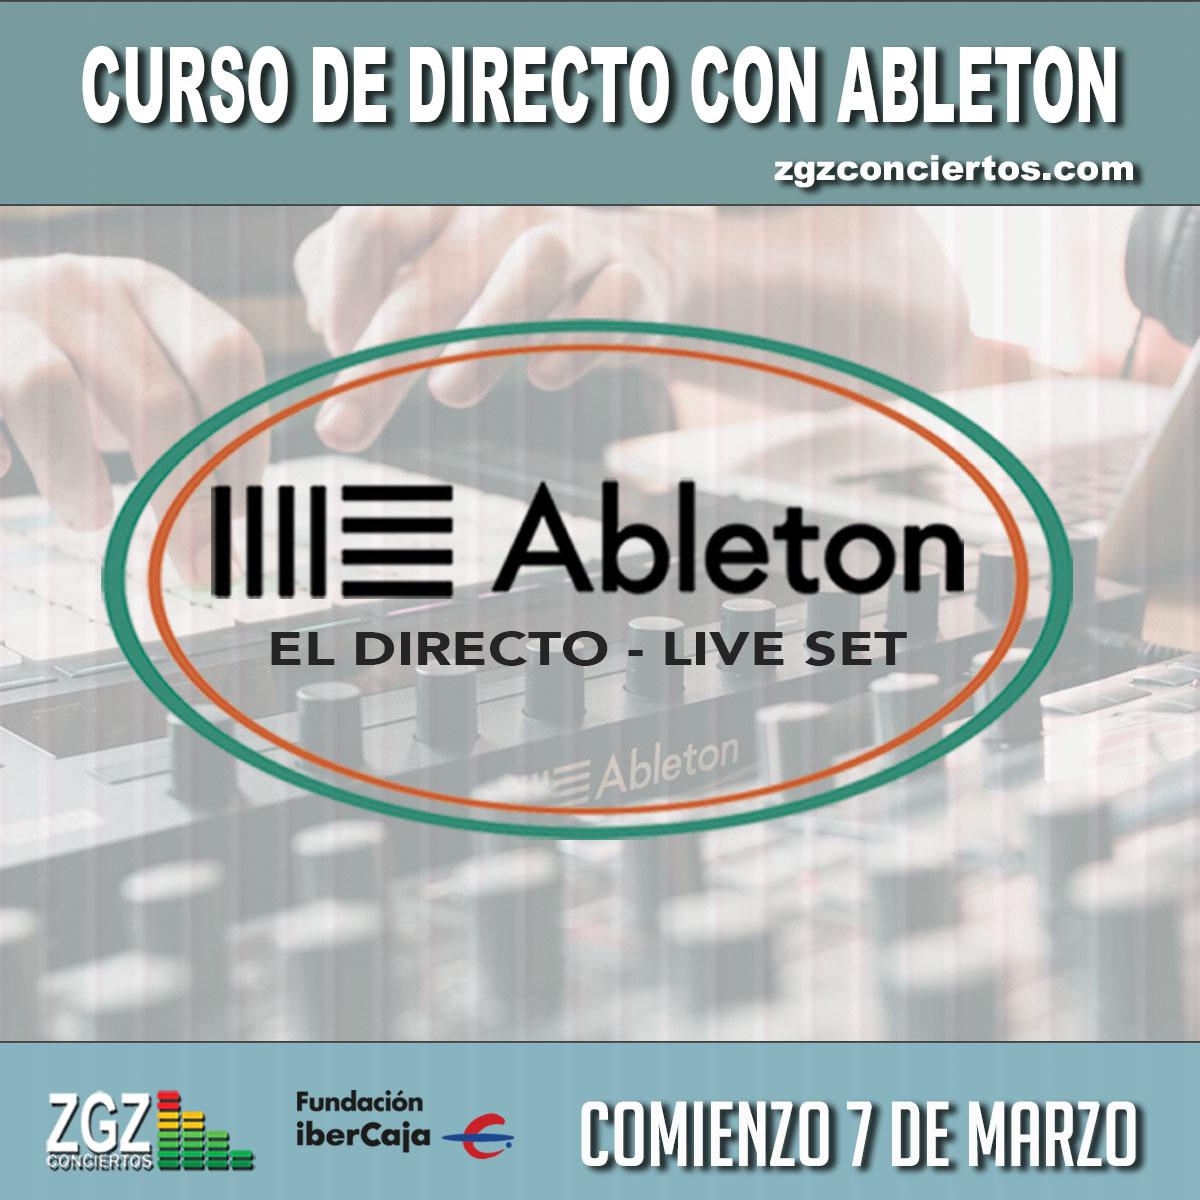 Curso de directo con Ableton, El Live Set